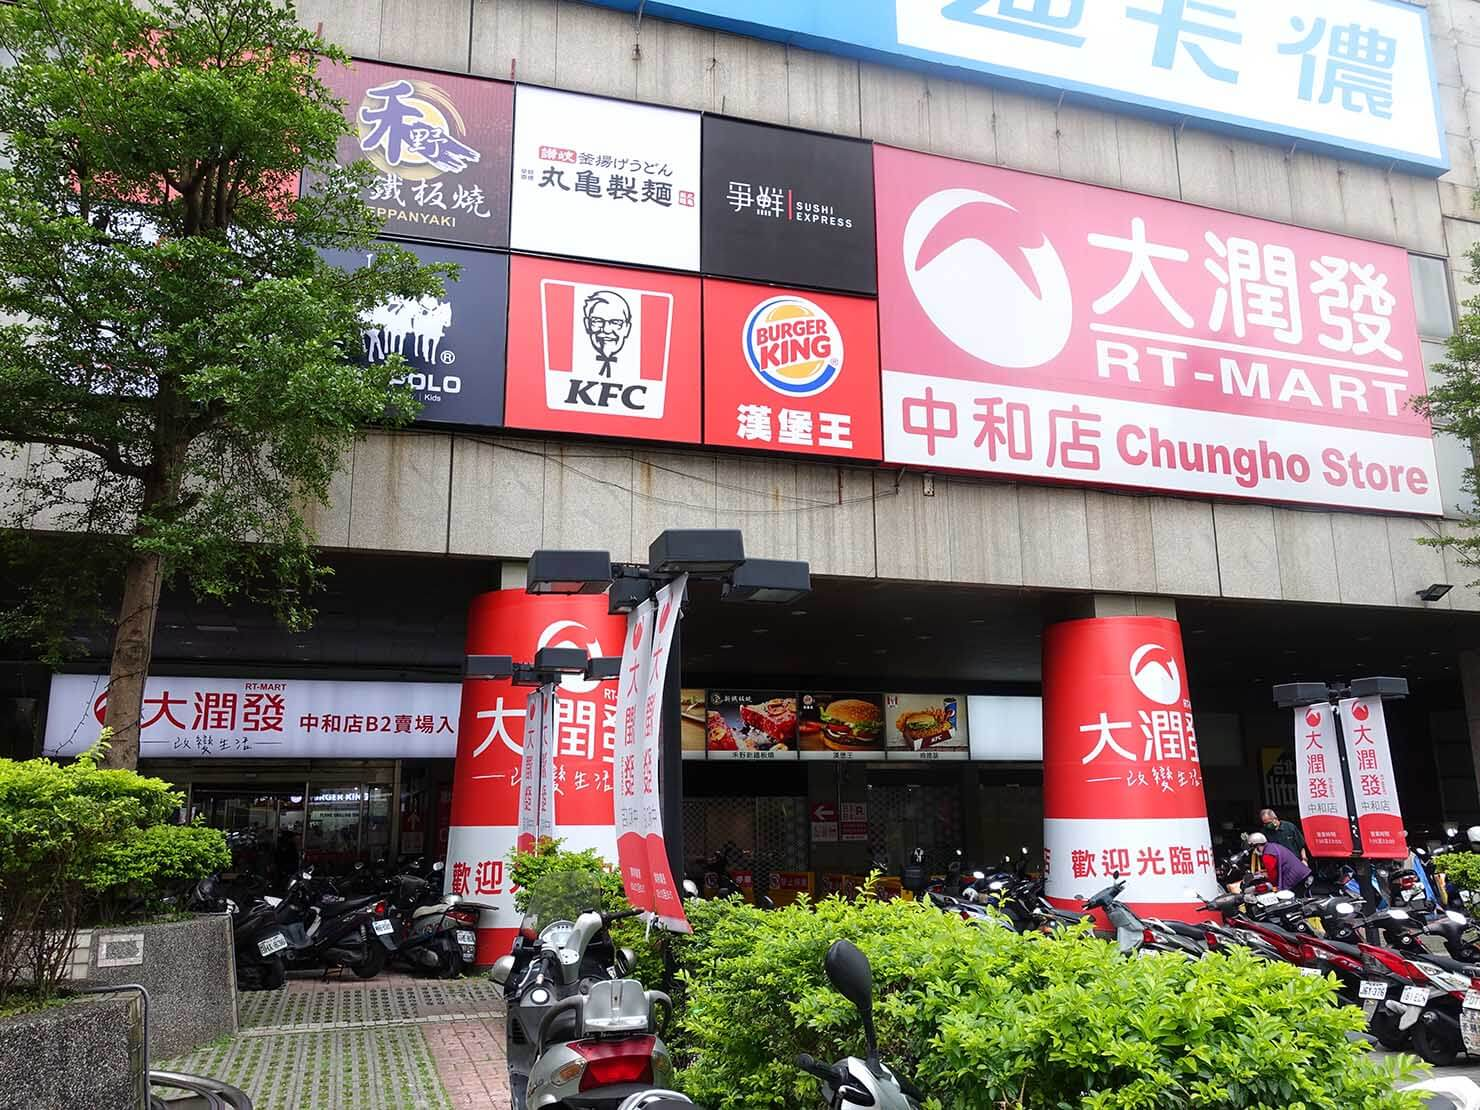 台北で生活家電を揃えたい時のおすすめ店「大潤發 RT-MART」の外観